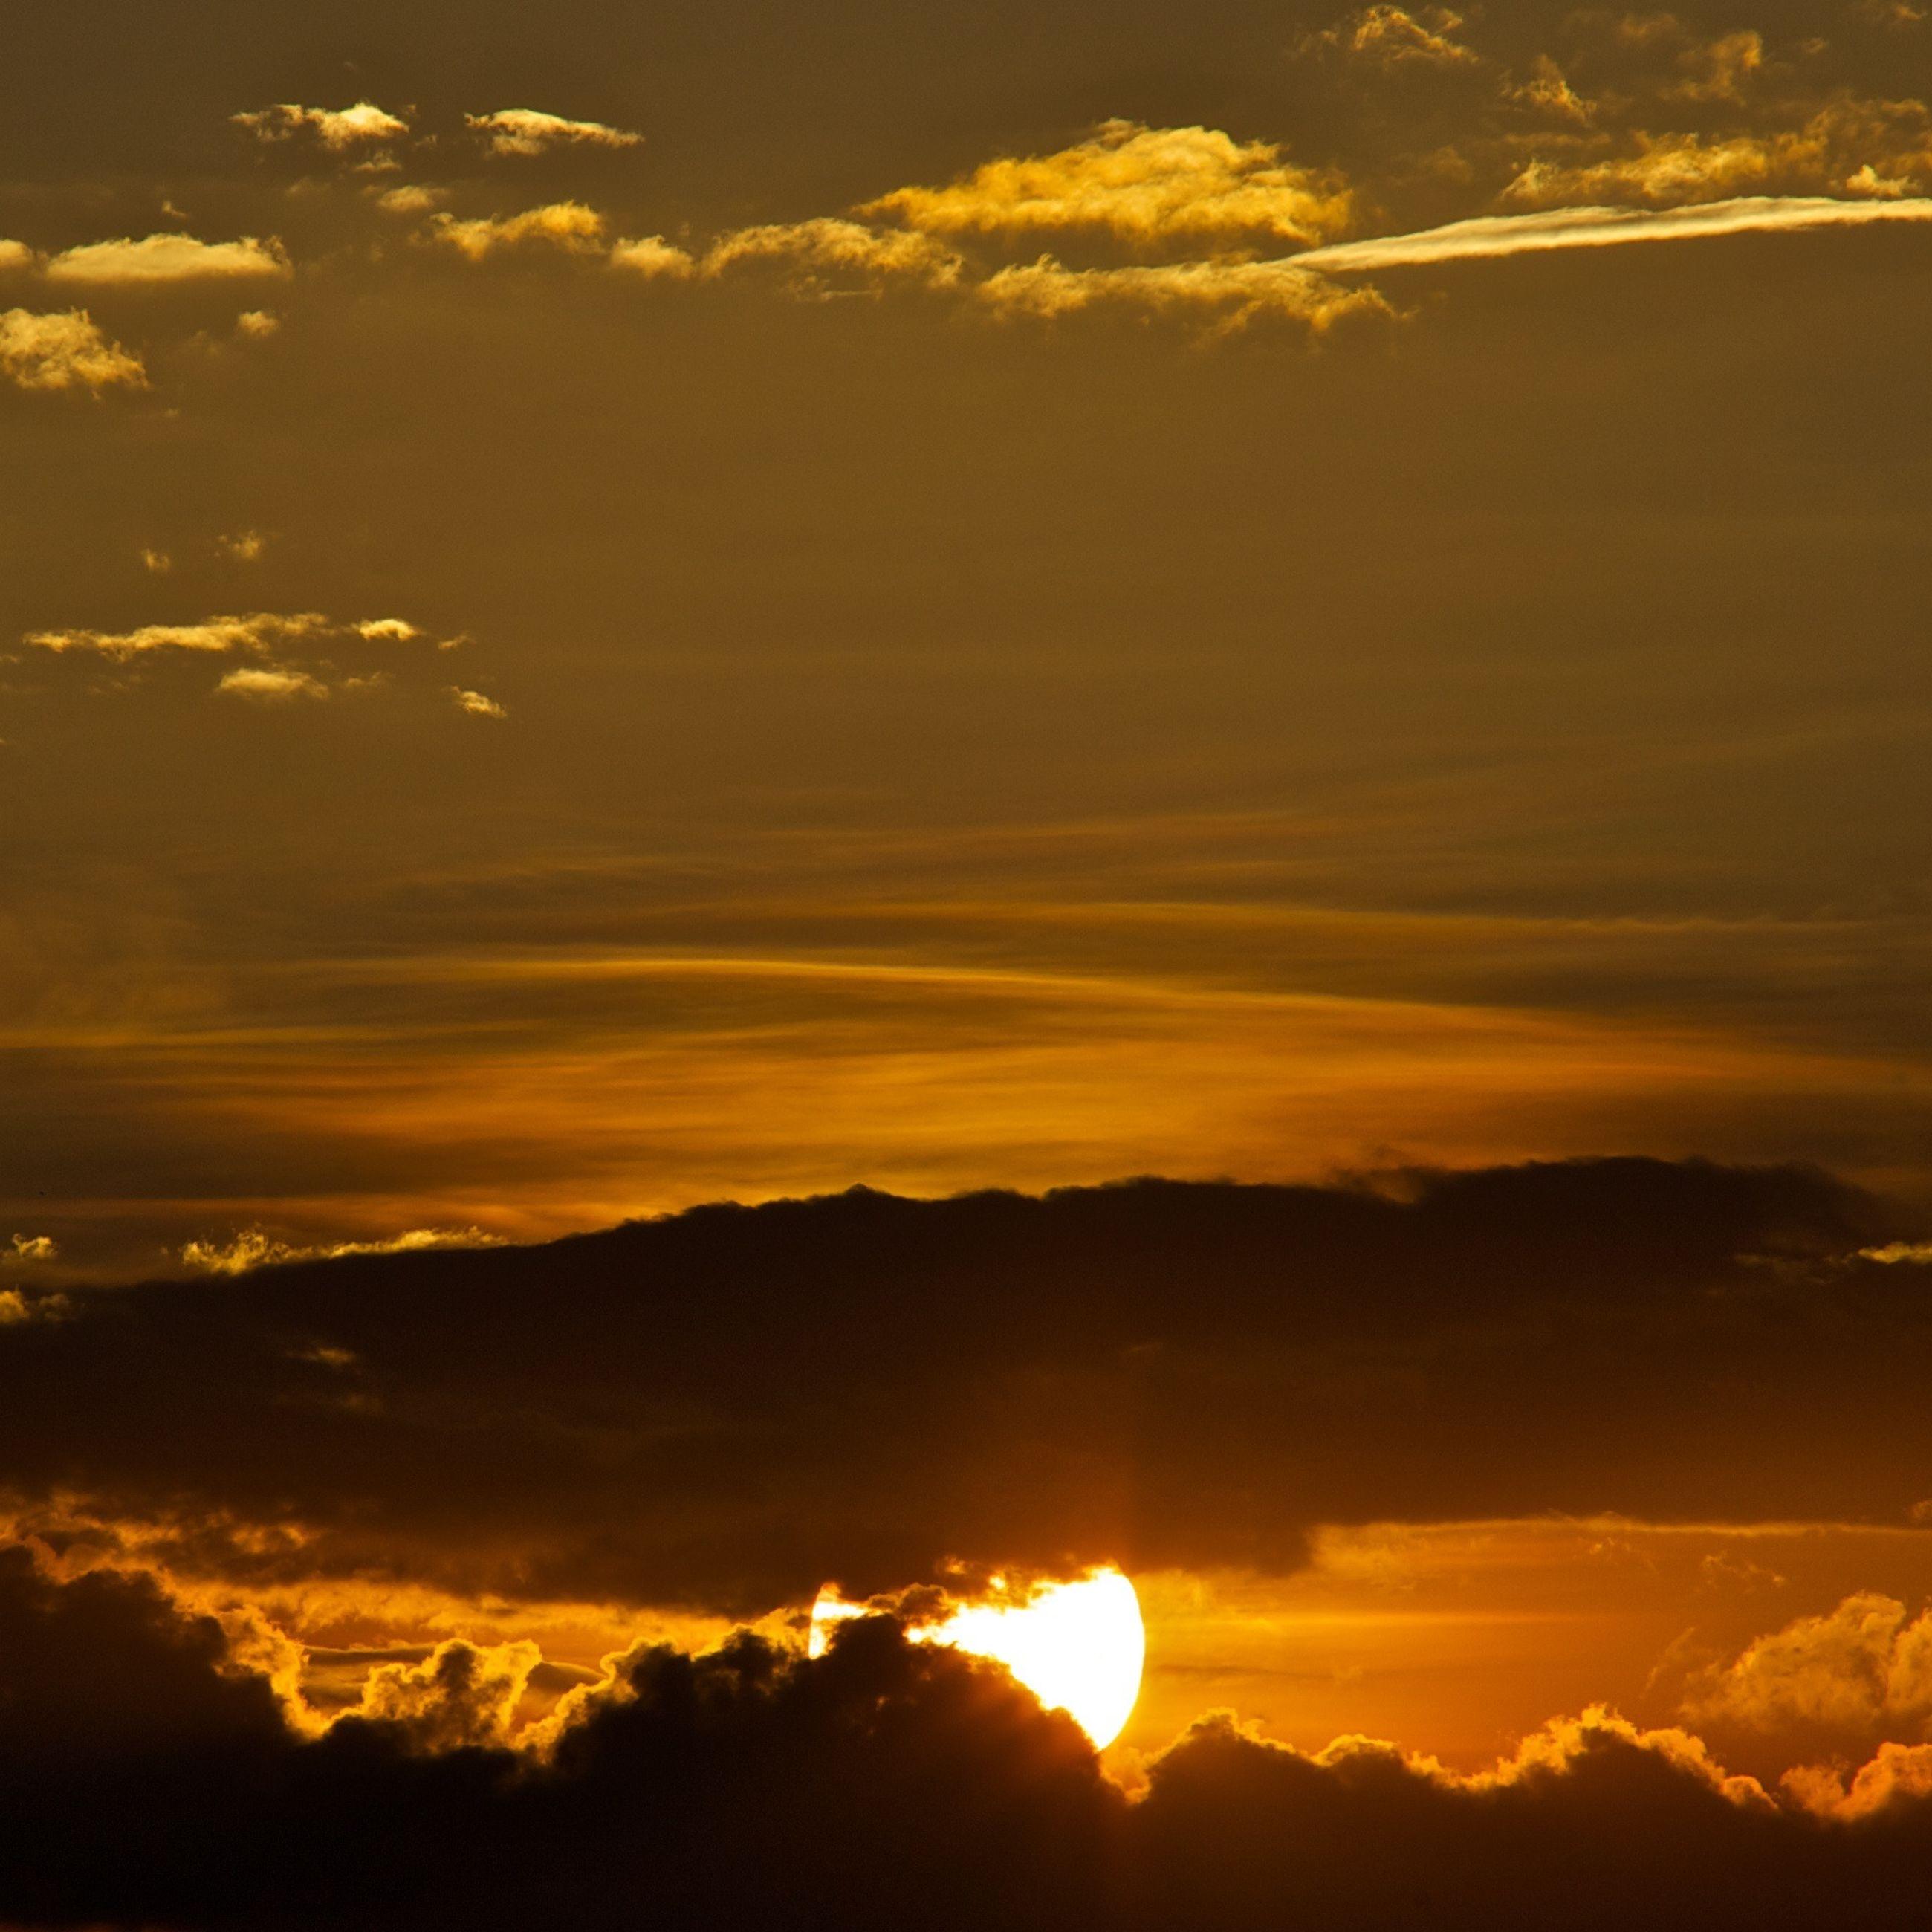 sunset, scenics, orange color, beauty in nature, tranquil scene, sun, sky, tranquility, idyllic, cloud - sky, nature, silhouette, dramatic sky, sunlight, majestic, sunbeam, cloud, landscape, outdoors, mountain